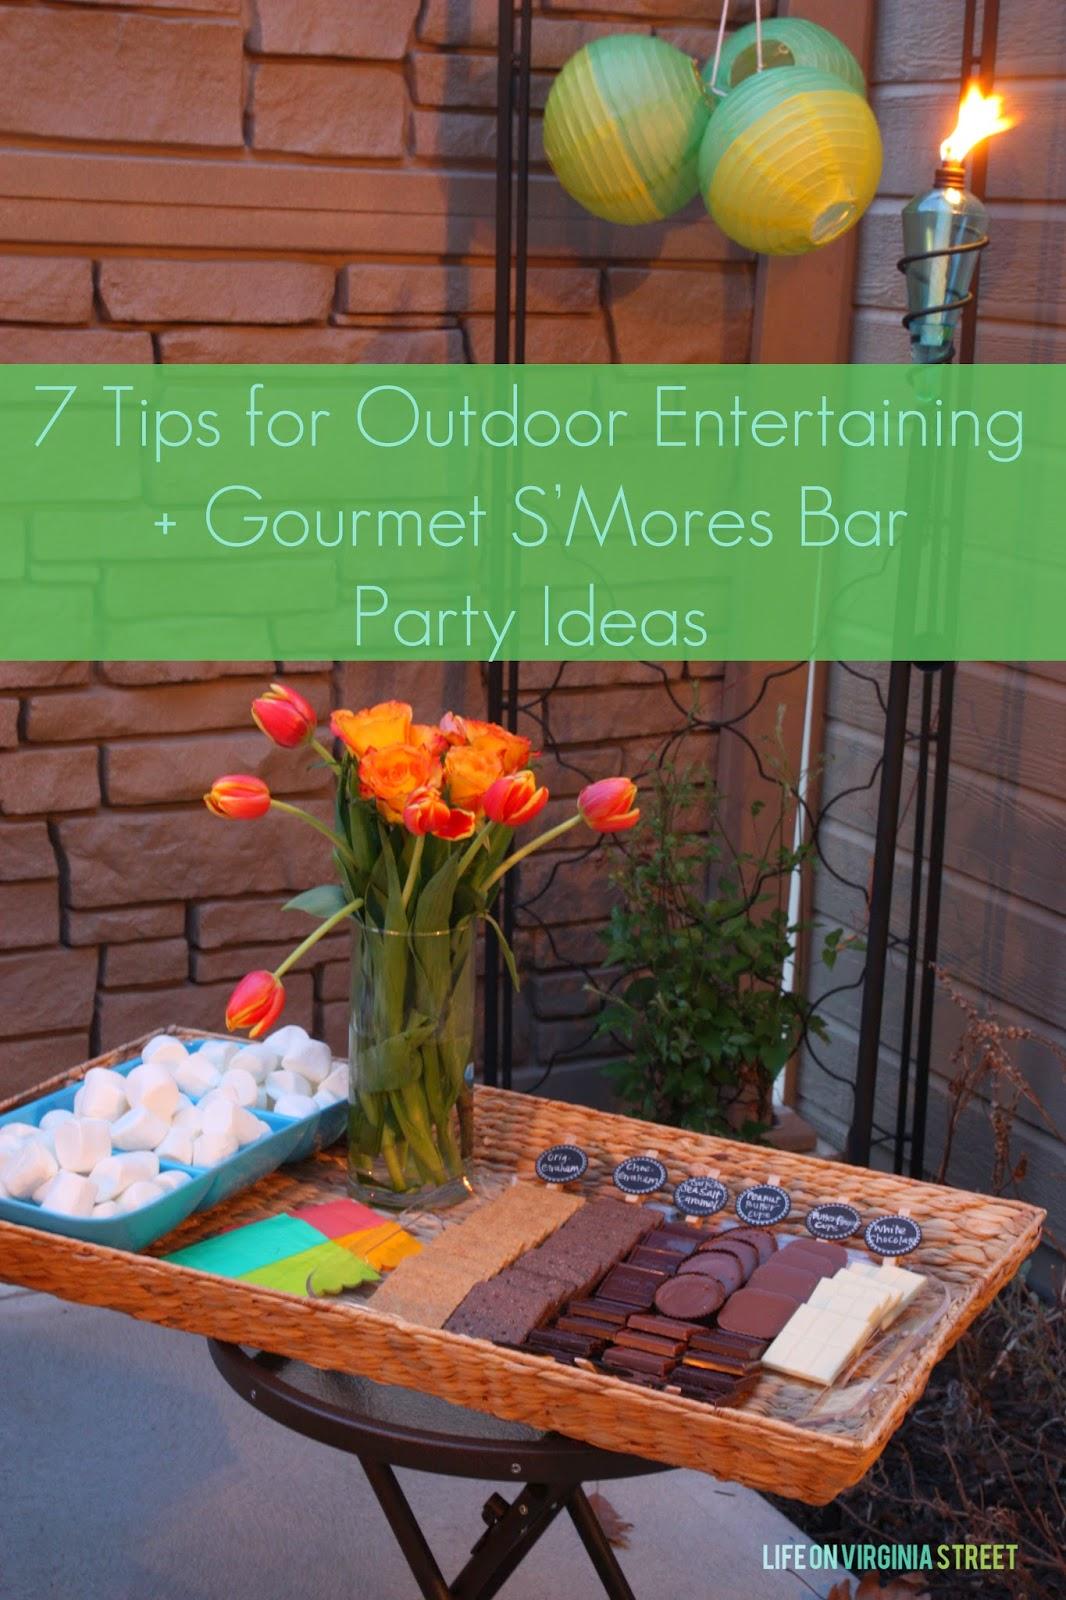 Gourmet S'Mores Bar Ideas & 7 Tips for Outdoor Entertaining